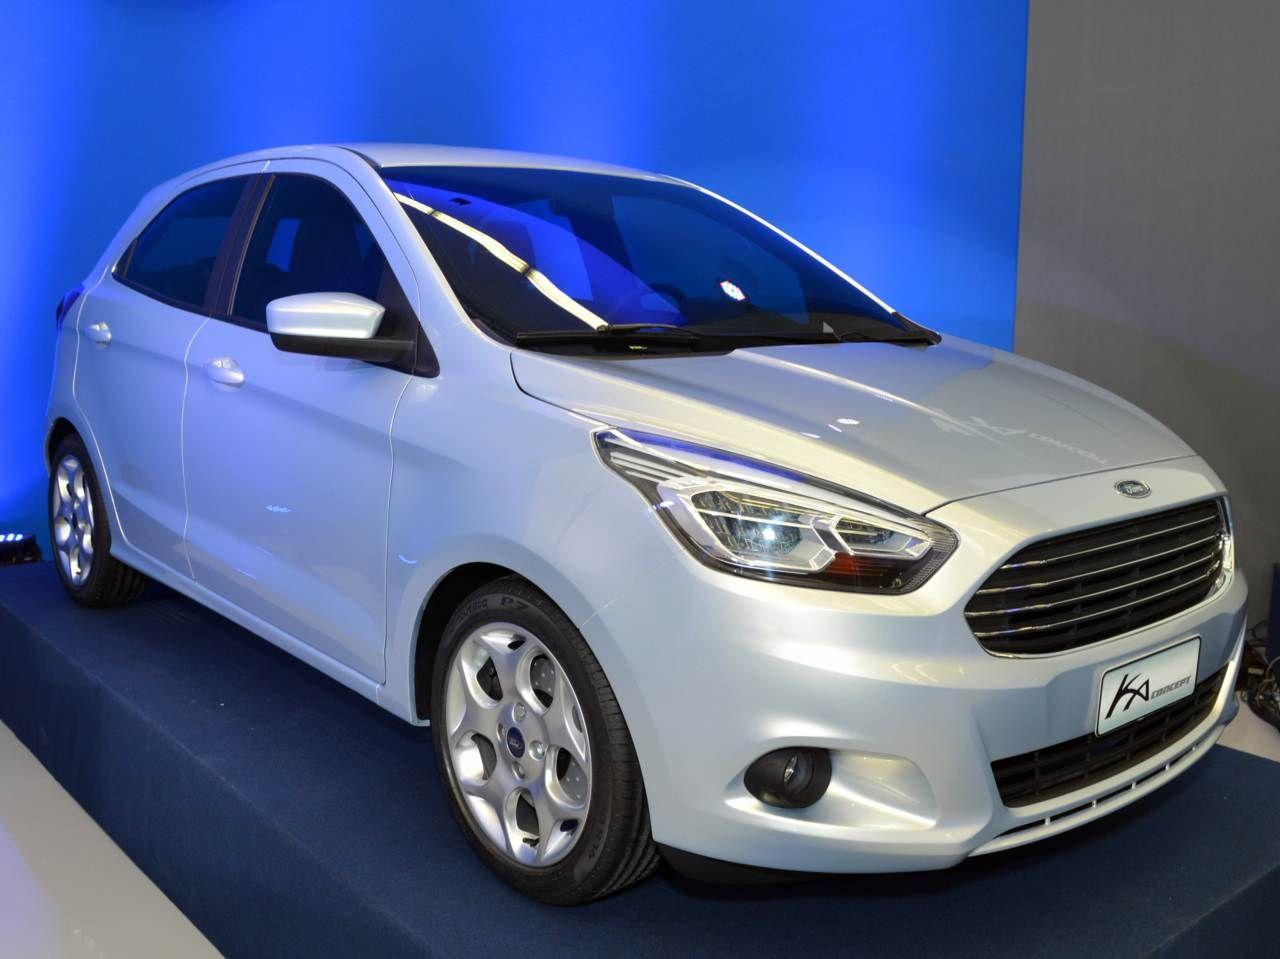 2015 ford edge (8) Ford edge, Ford, Car